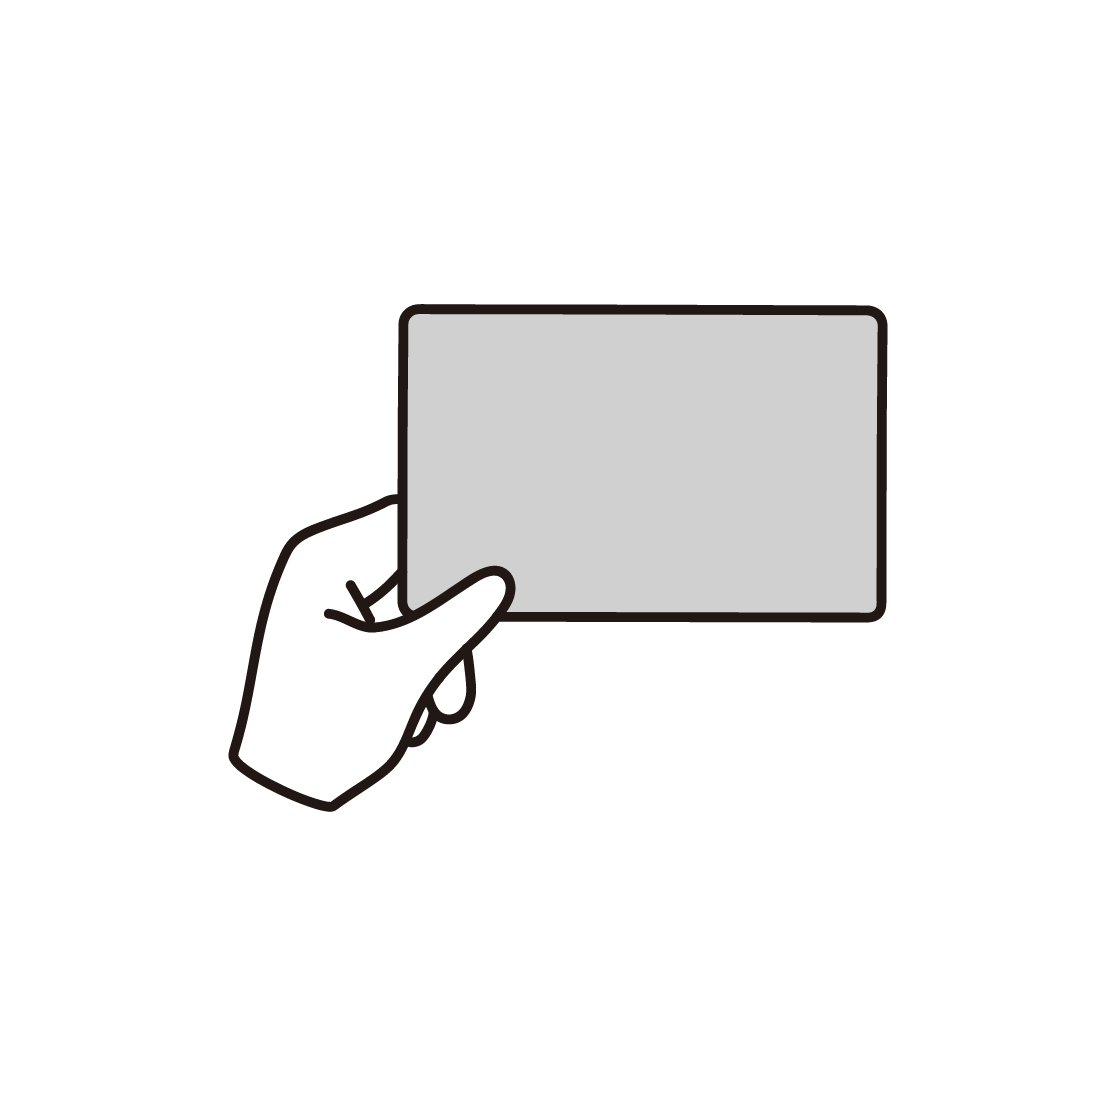 カードをもつ手のイラスト(単色)